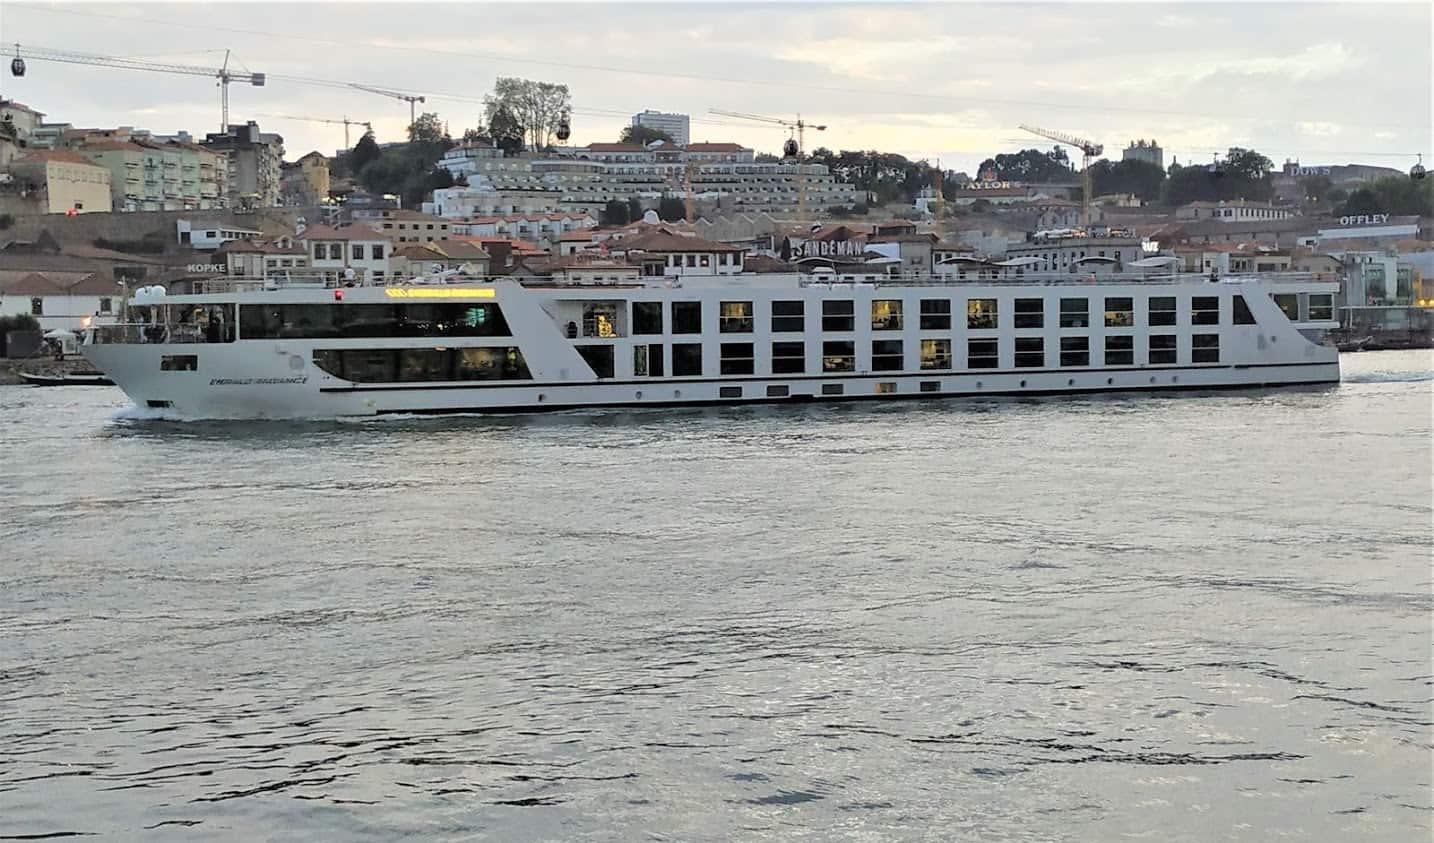 Riverboat cruise, Porto, Portugal